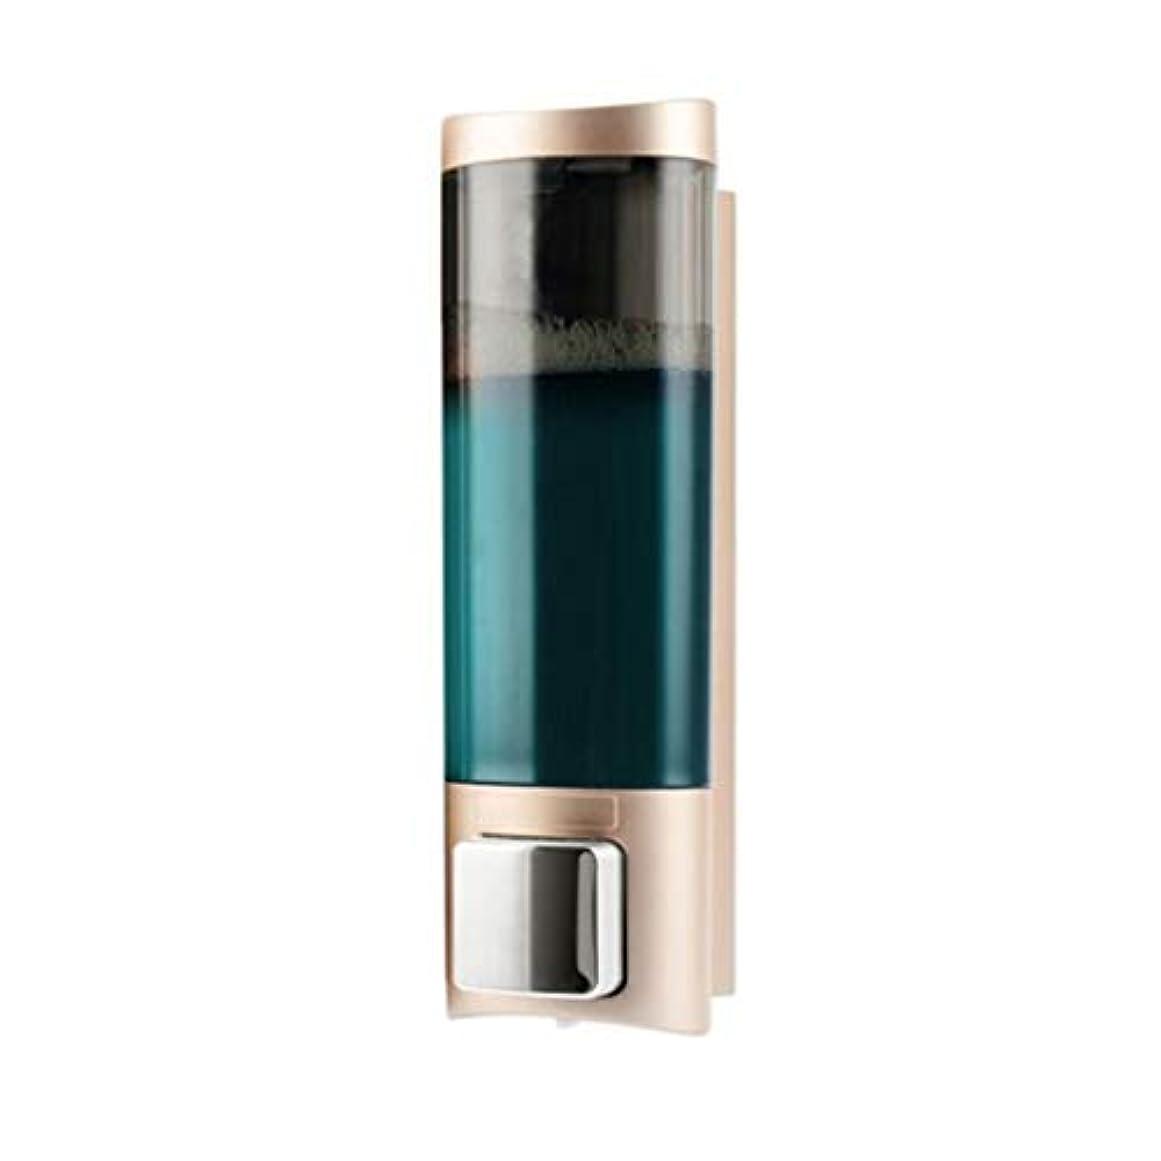 旅行者千手錠Kylinssh 液体石鹸ディスペンサーポンプ、浴室または台所、家のホテル - ステンレス鋼のために理想的な壁の台紙の石鹸/ローションディスペンサーポンプ